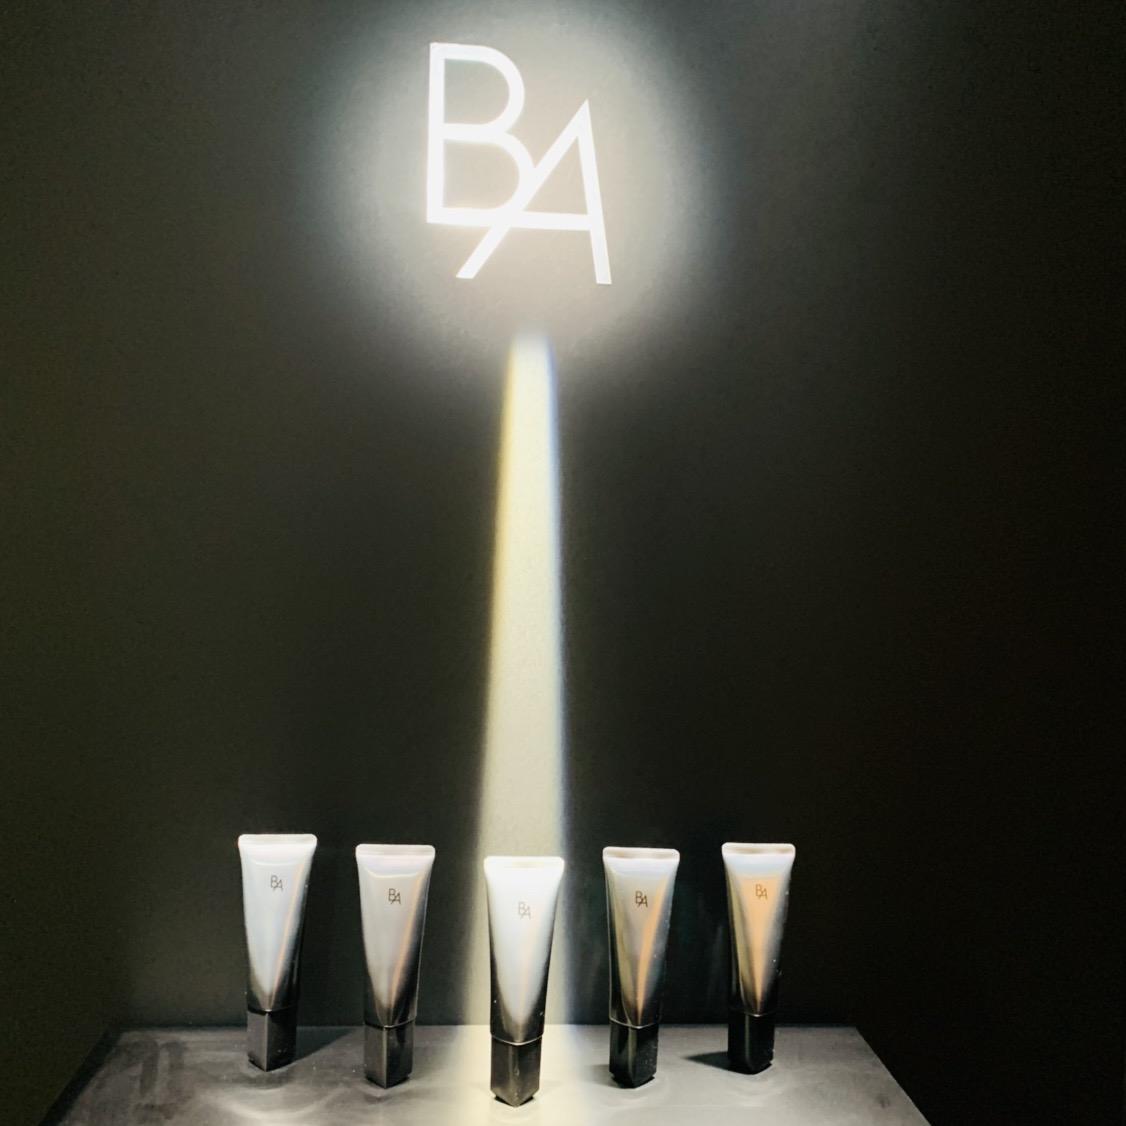 「ポーラ B.A」がUVケアに革新! 太陽光を浴びるほど美肌になれる、新機軸の日焼け止めが登場。味方につければ、お出かけが楽しくなる! #金曜日の肌投資コスメ